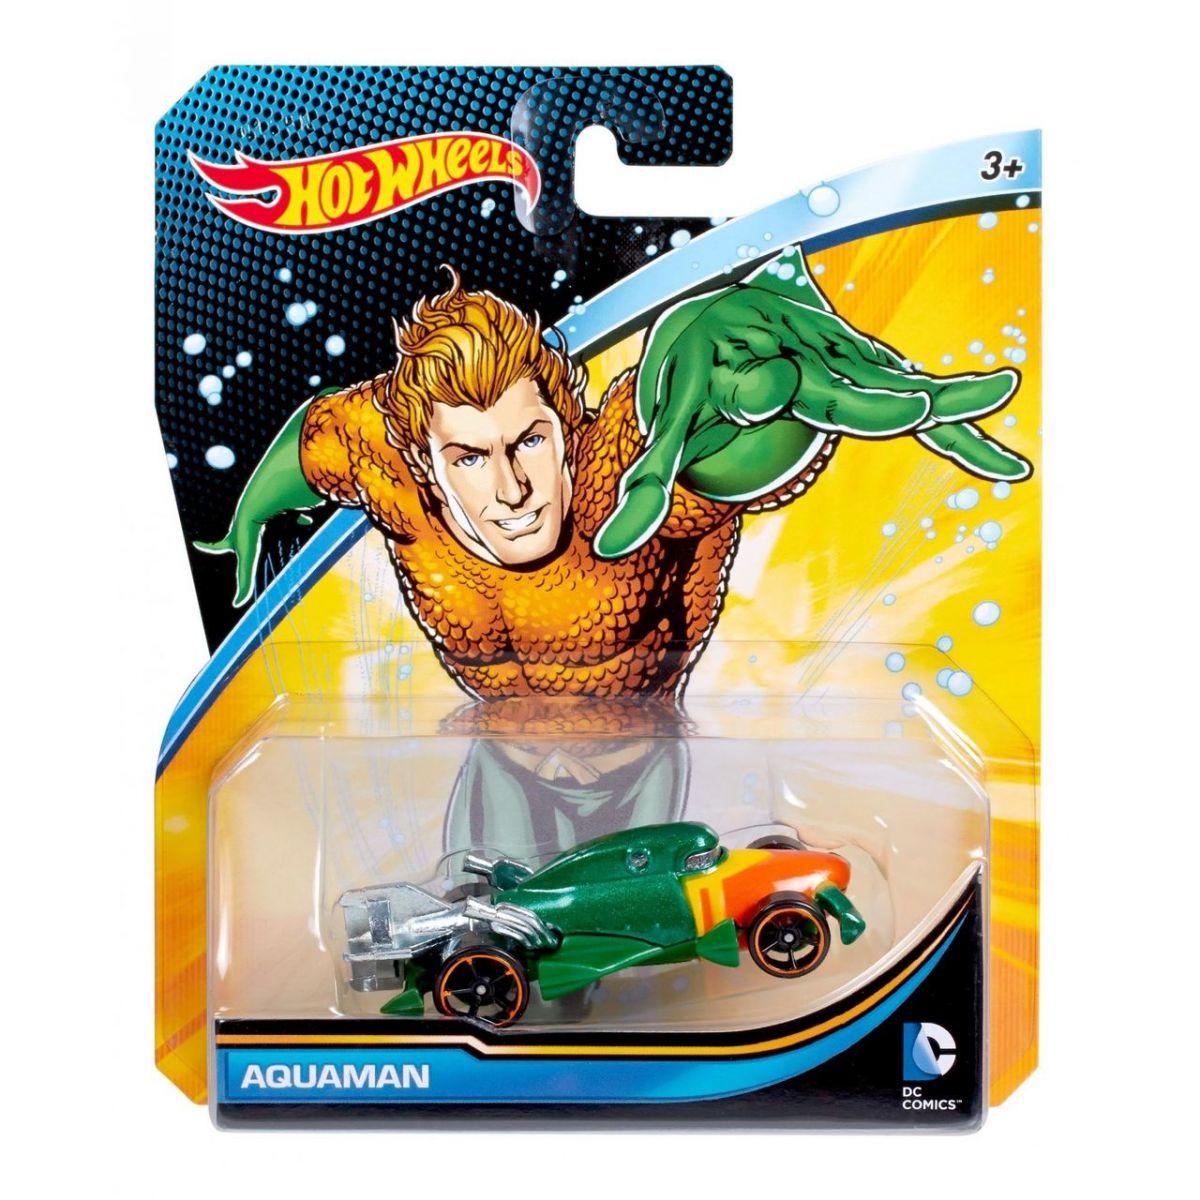 Aquaman - Hot Wheels